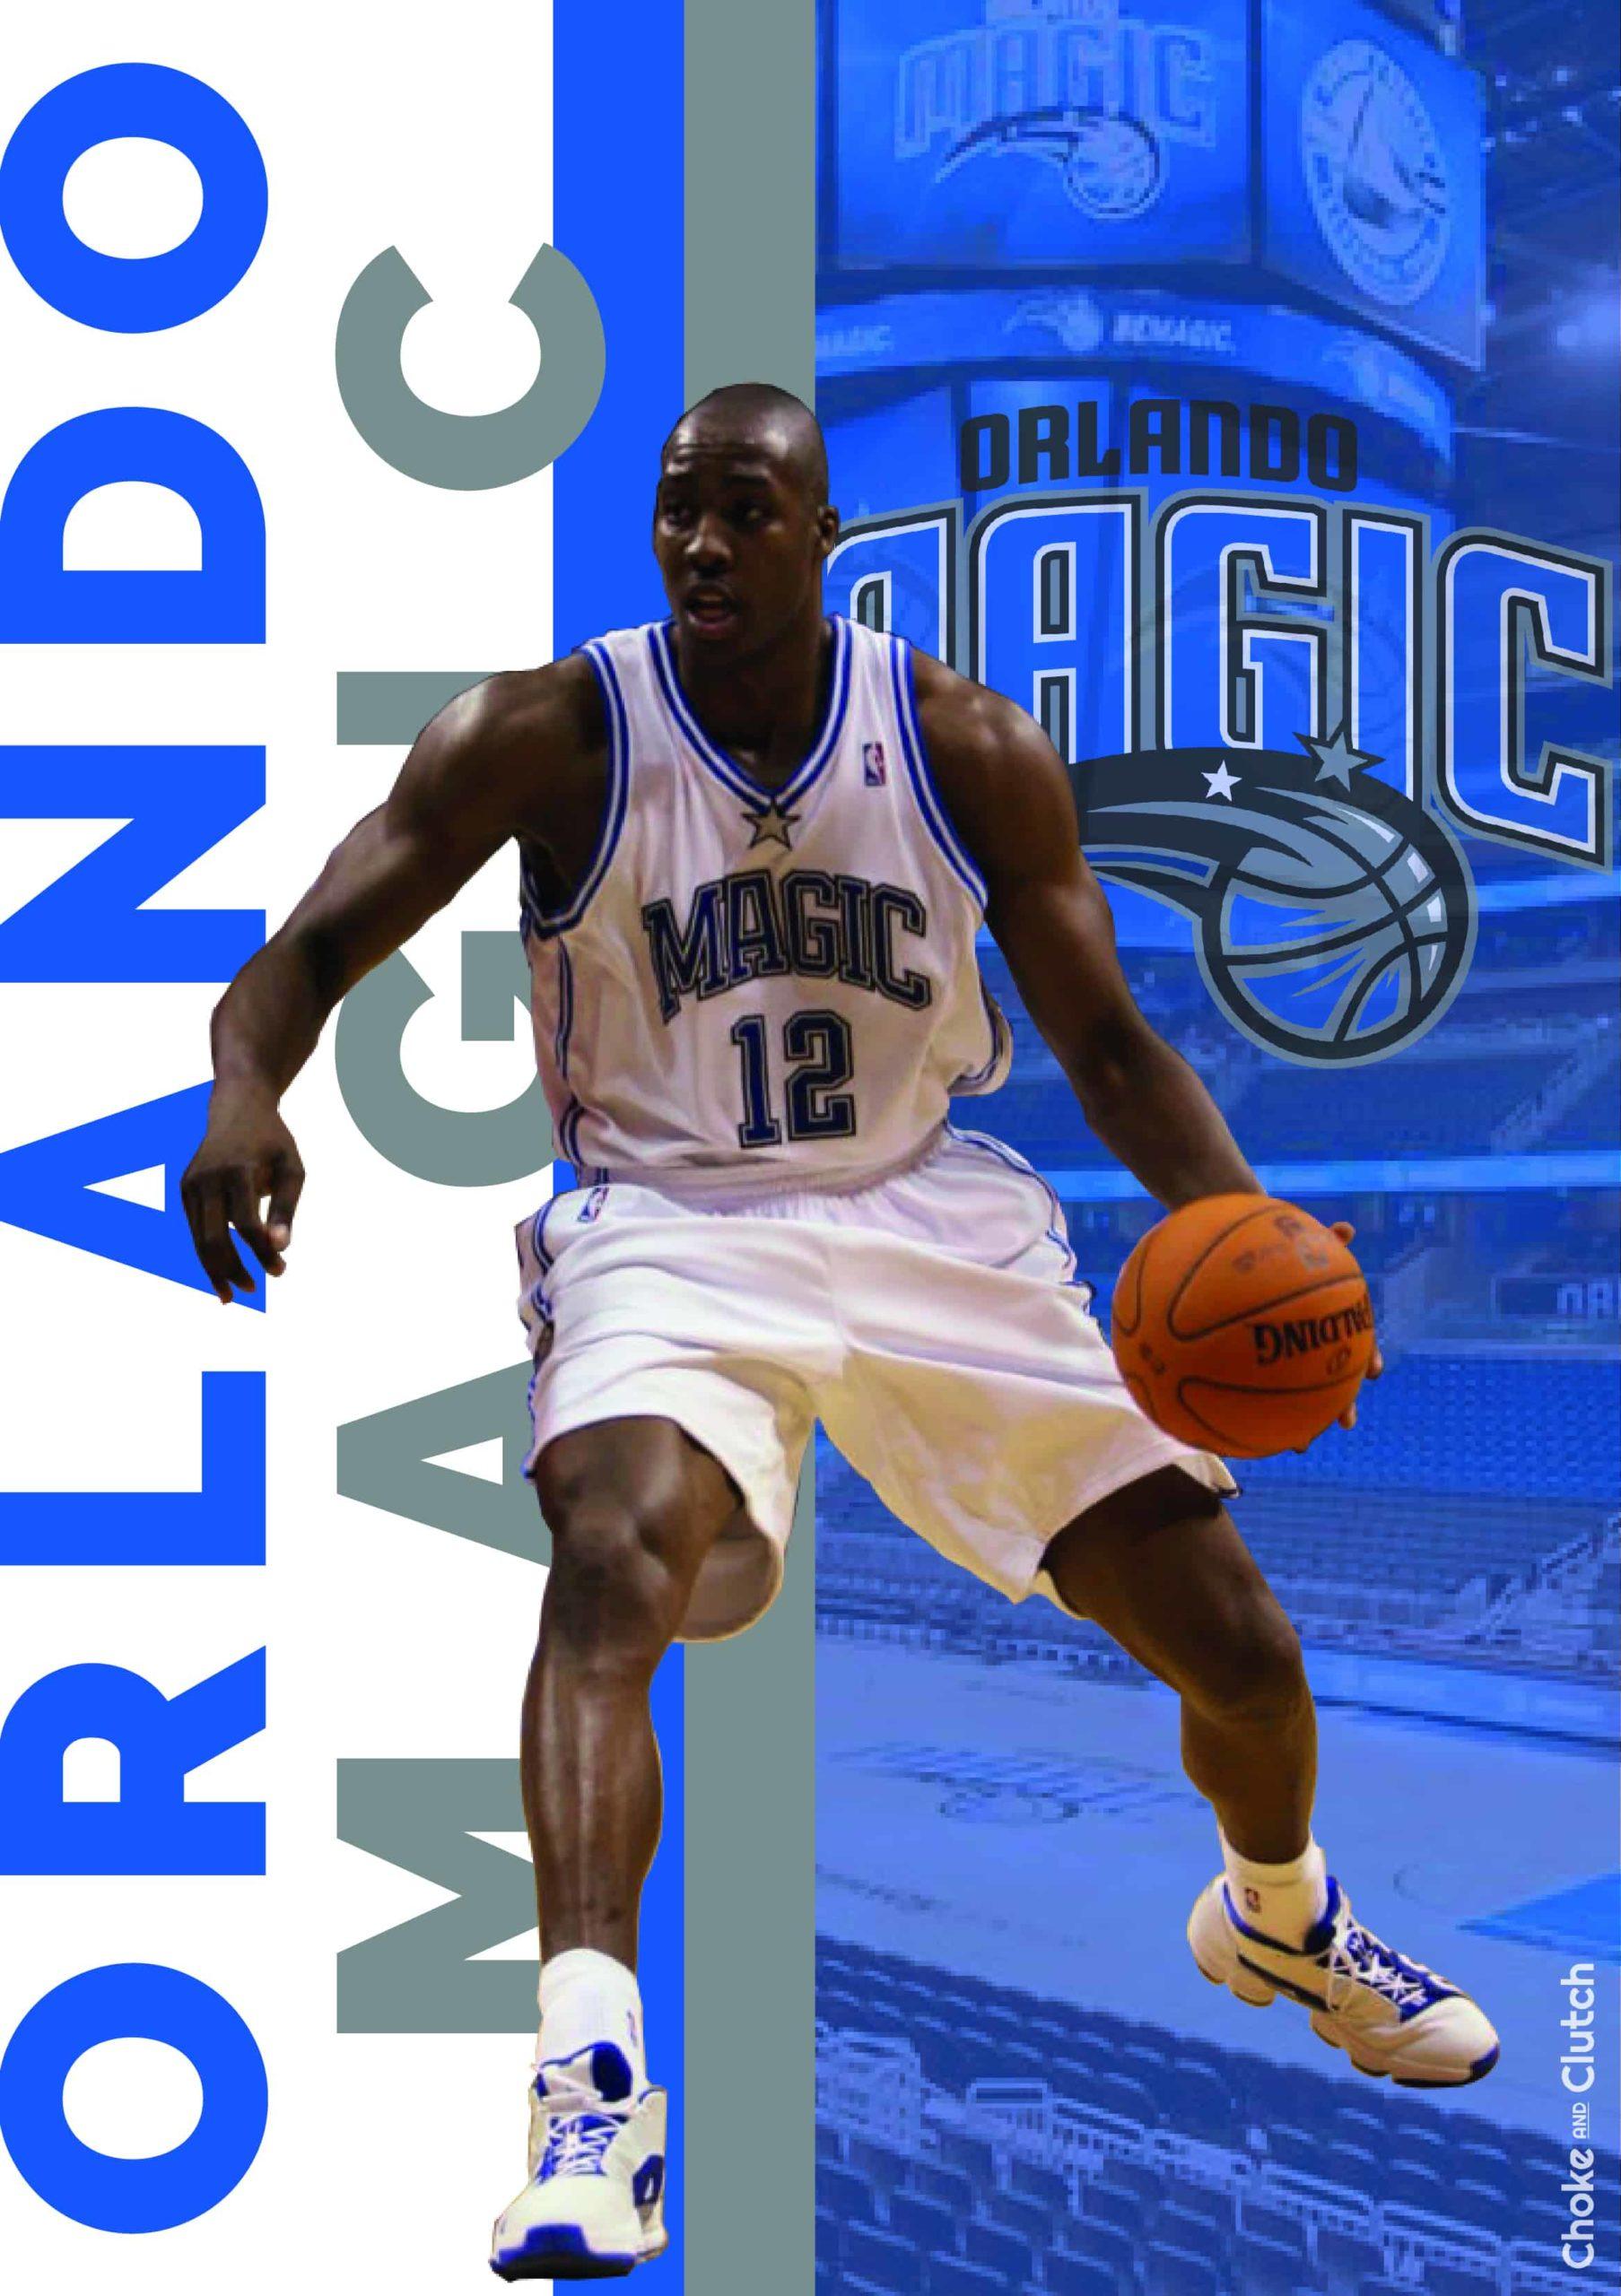 Histoire de la franchise NBA du Magic d'Orlando